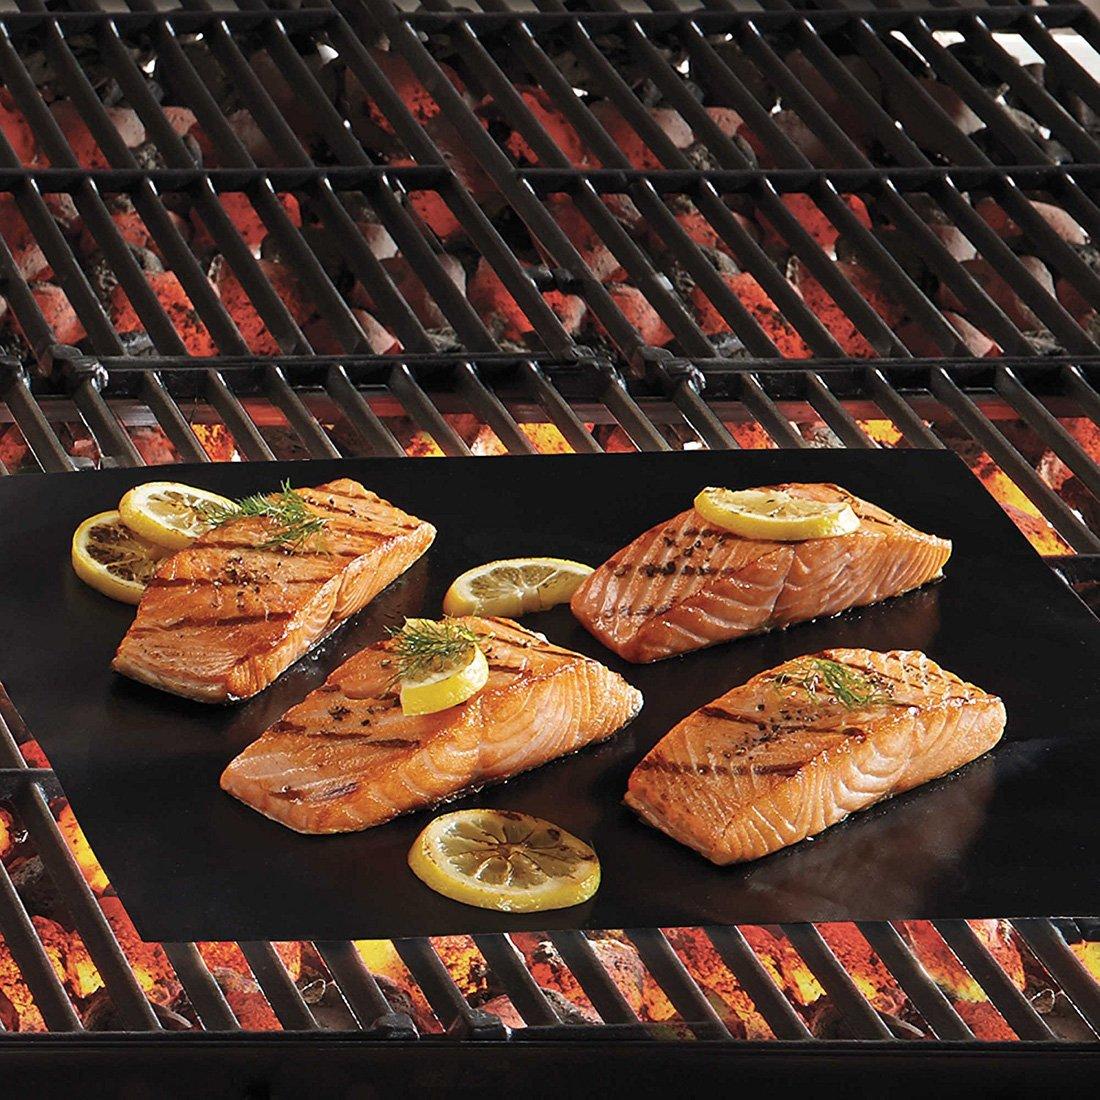 Kihappy Heavy Duty Grill Mat/ Charbon de bois /100/% antiadh/ésif Tapis de cuisson pour barbecue griller/ /Fonctionne sur gaz grill /électrique e /r/éutilisable et facile /à nettoyer/